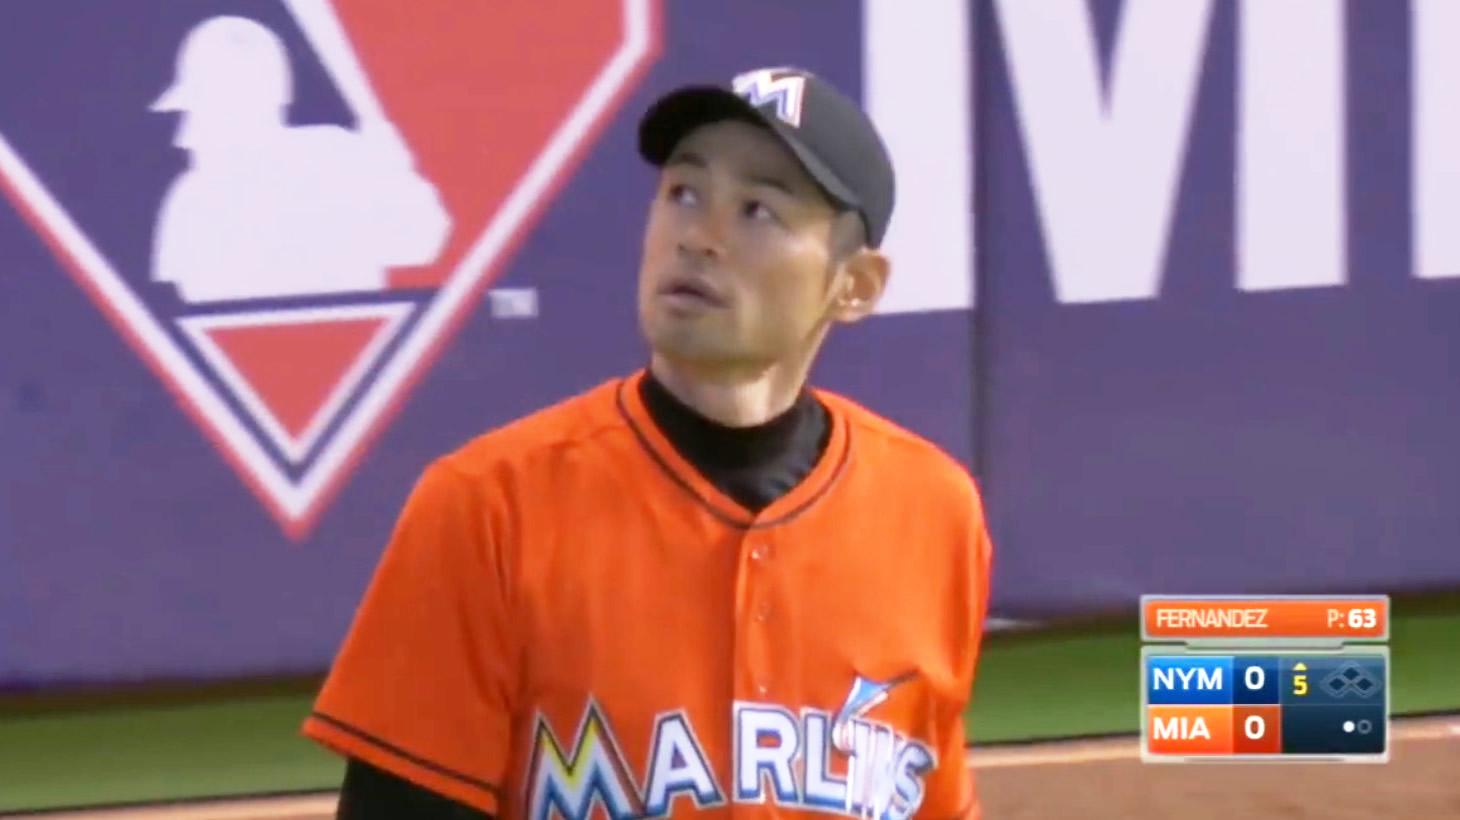 「彼は野球の神様だよ」。イチローのメッツ戦でのスーパーキャッチが海外で大絶賛!!